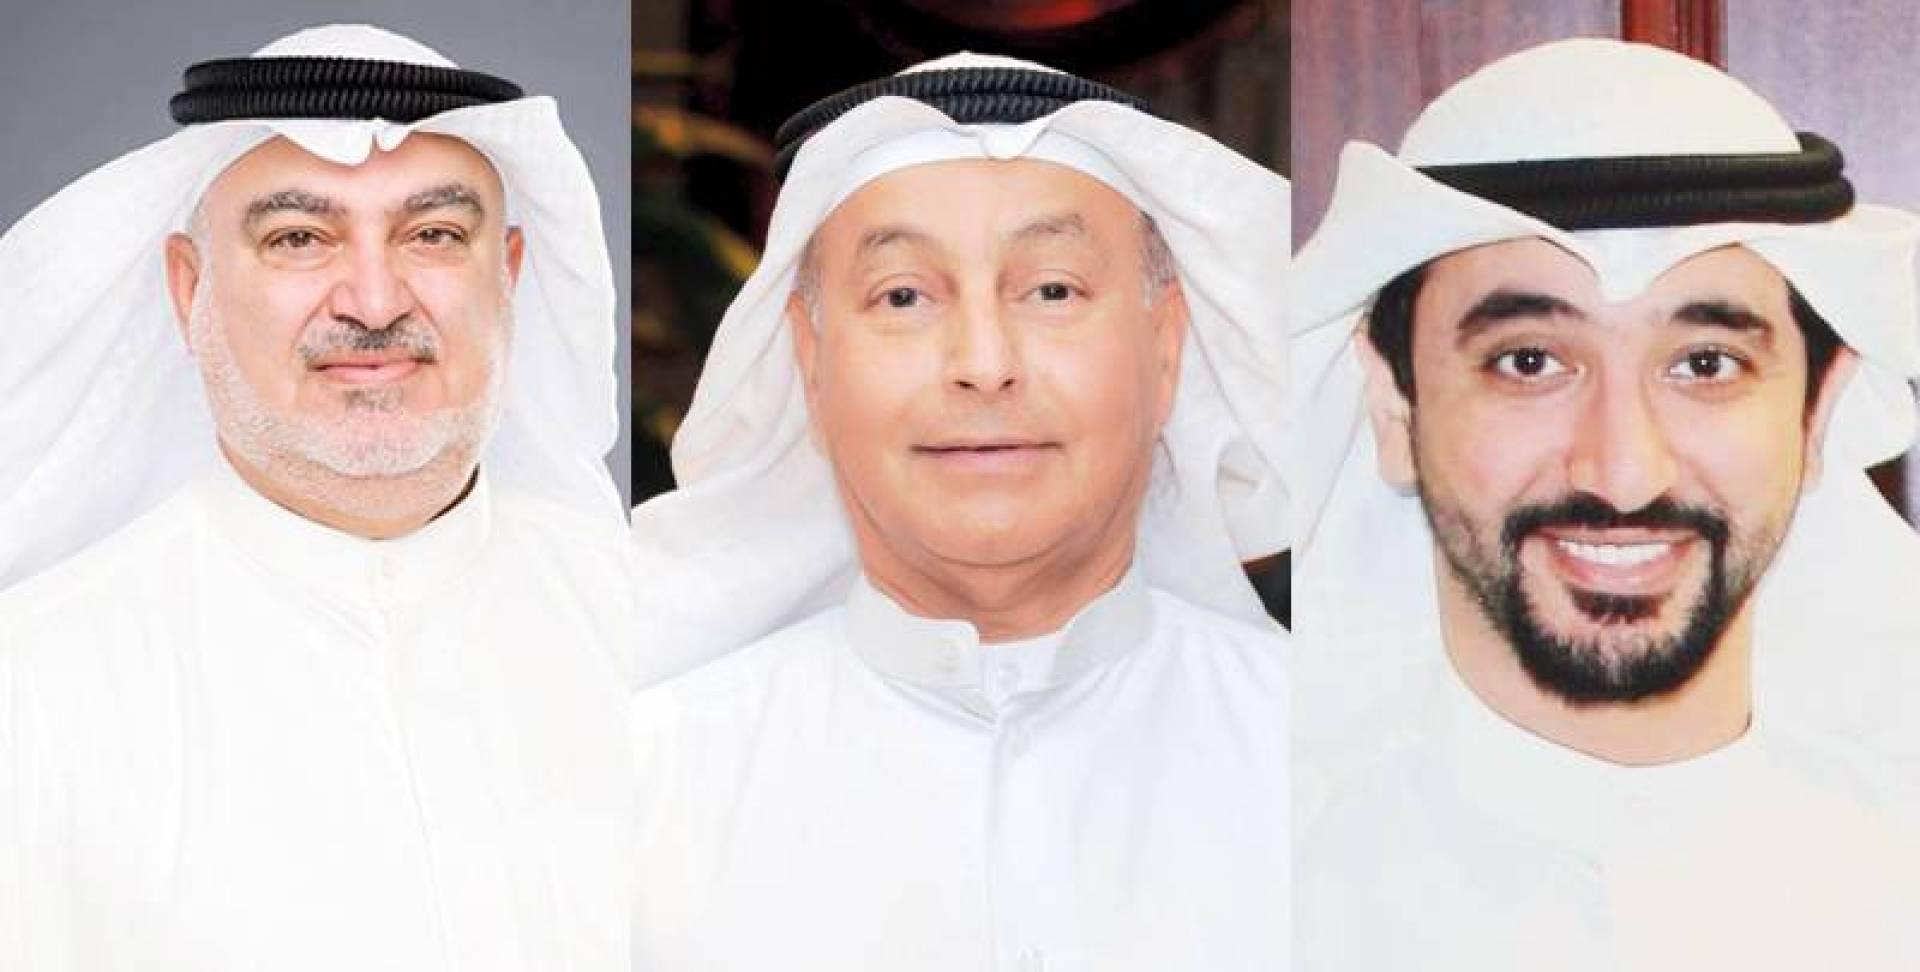 صقر الملا - حسين المسلم - خليل الصالح